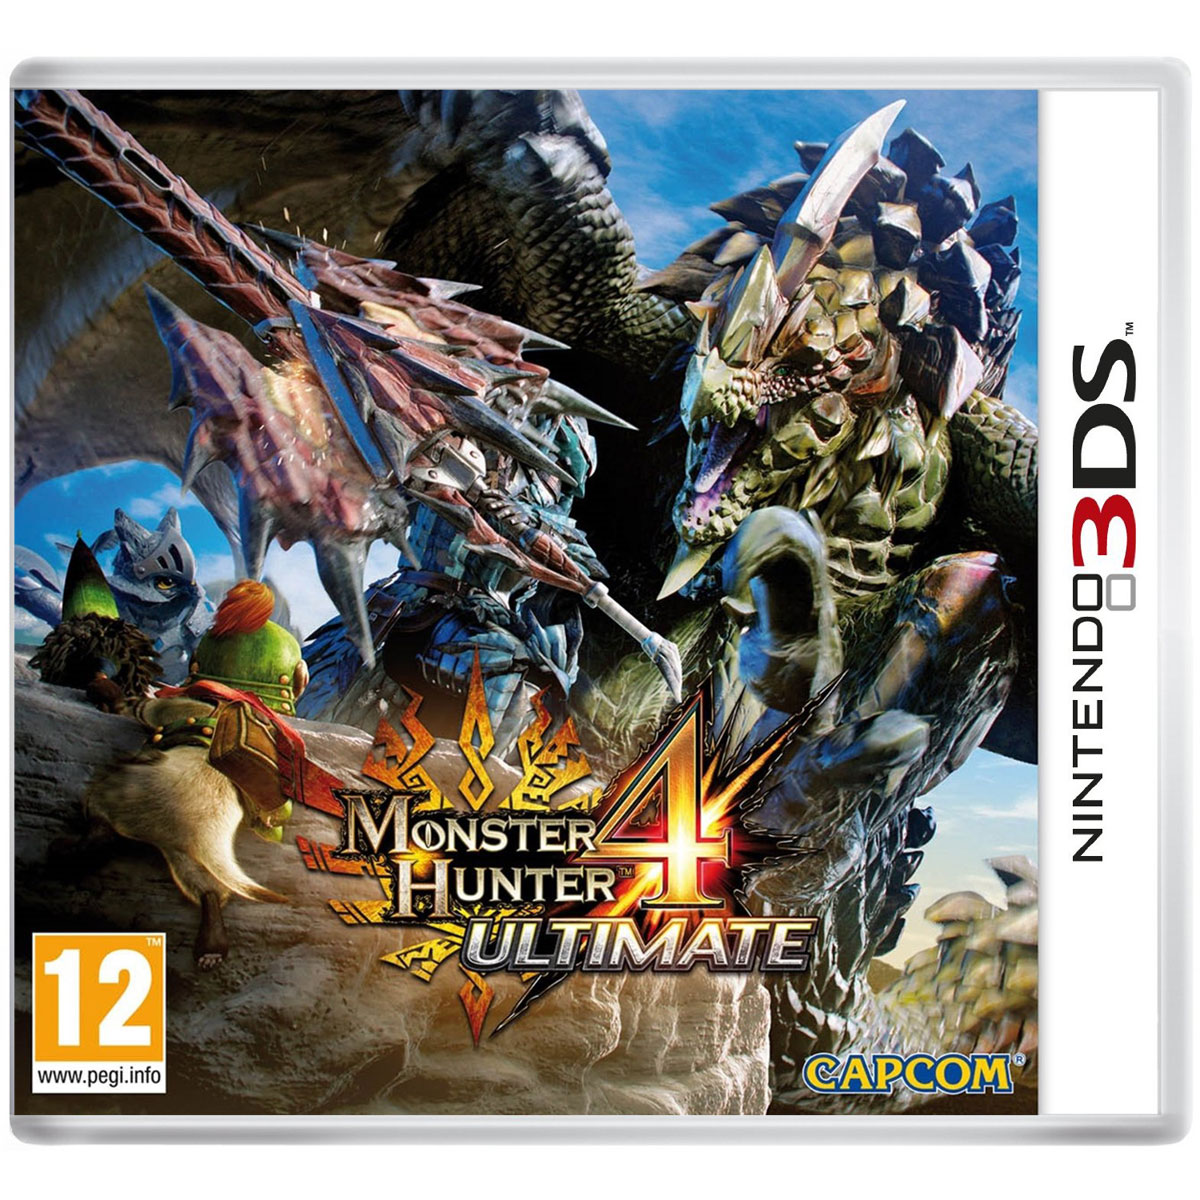 Jeux Nintendo 3DS Monster Hunter 4 Ultimate (Nintendo 3DS/2DS) Monster Hunter 4 Ultimate (Nintendo 3DS/2DS)